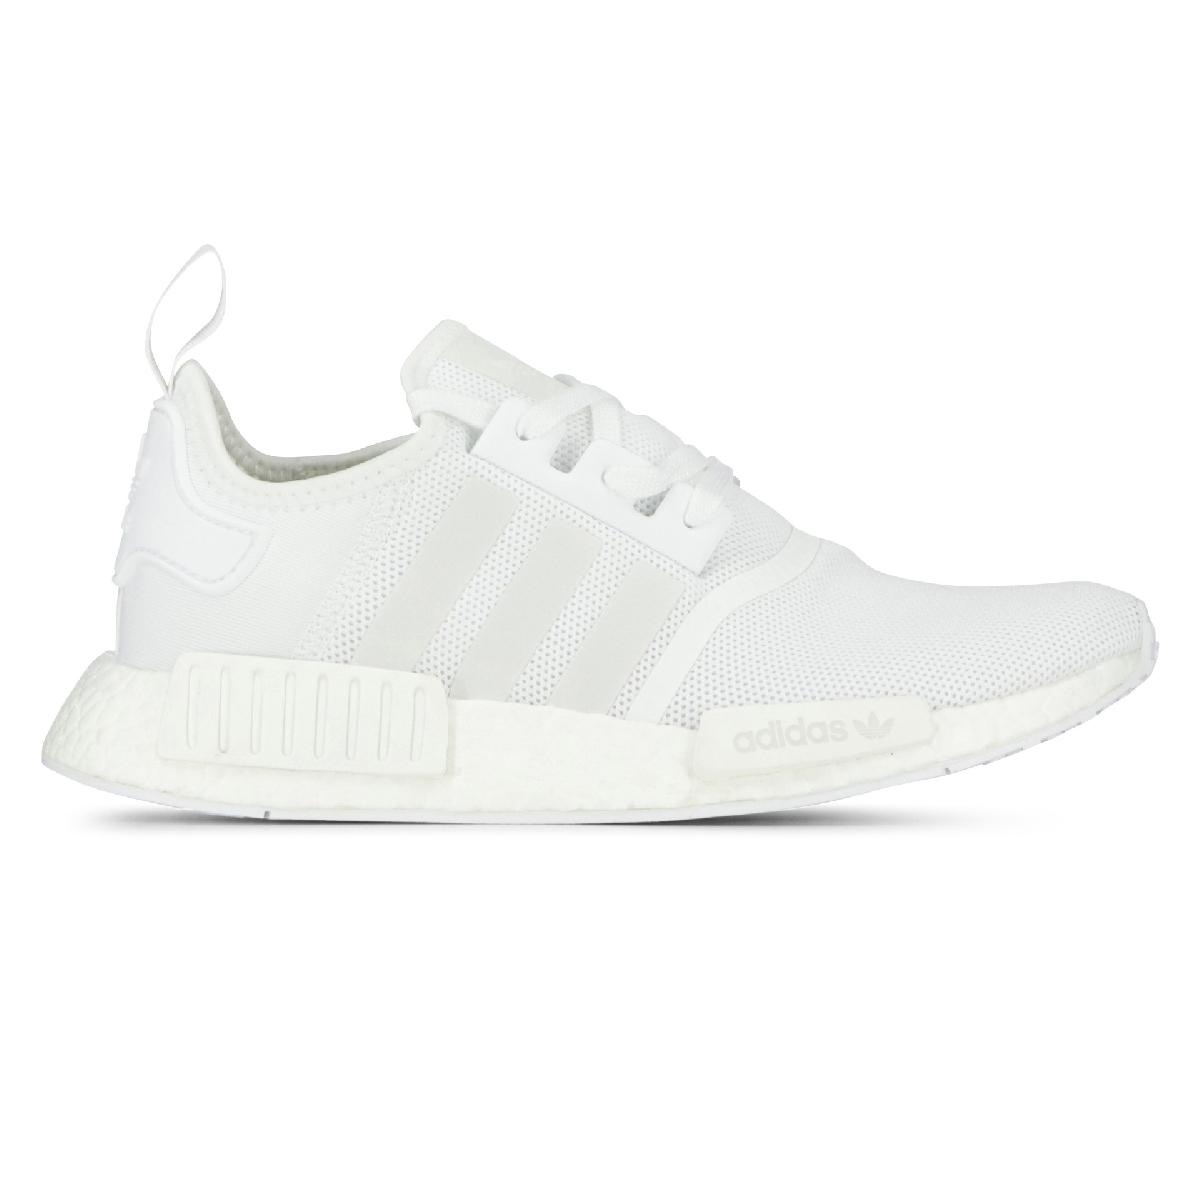 Vente de adidas nmd r1 homme blanche Soldes